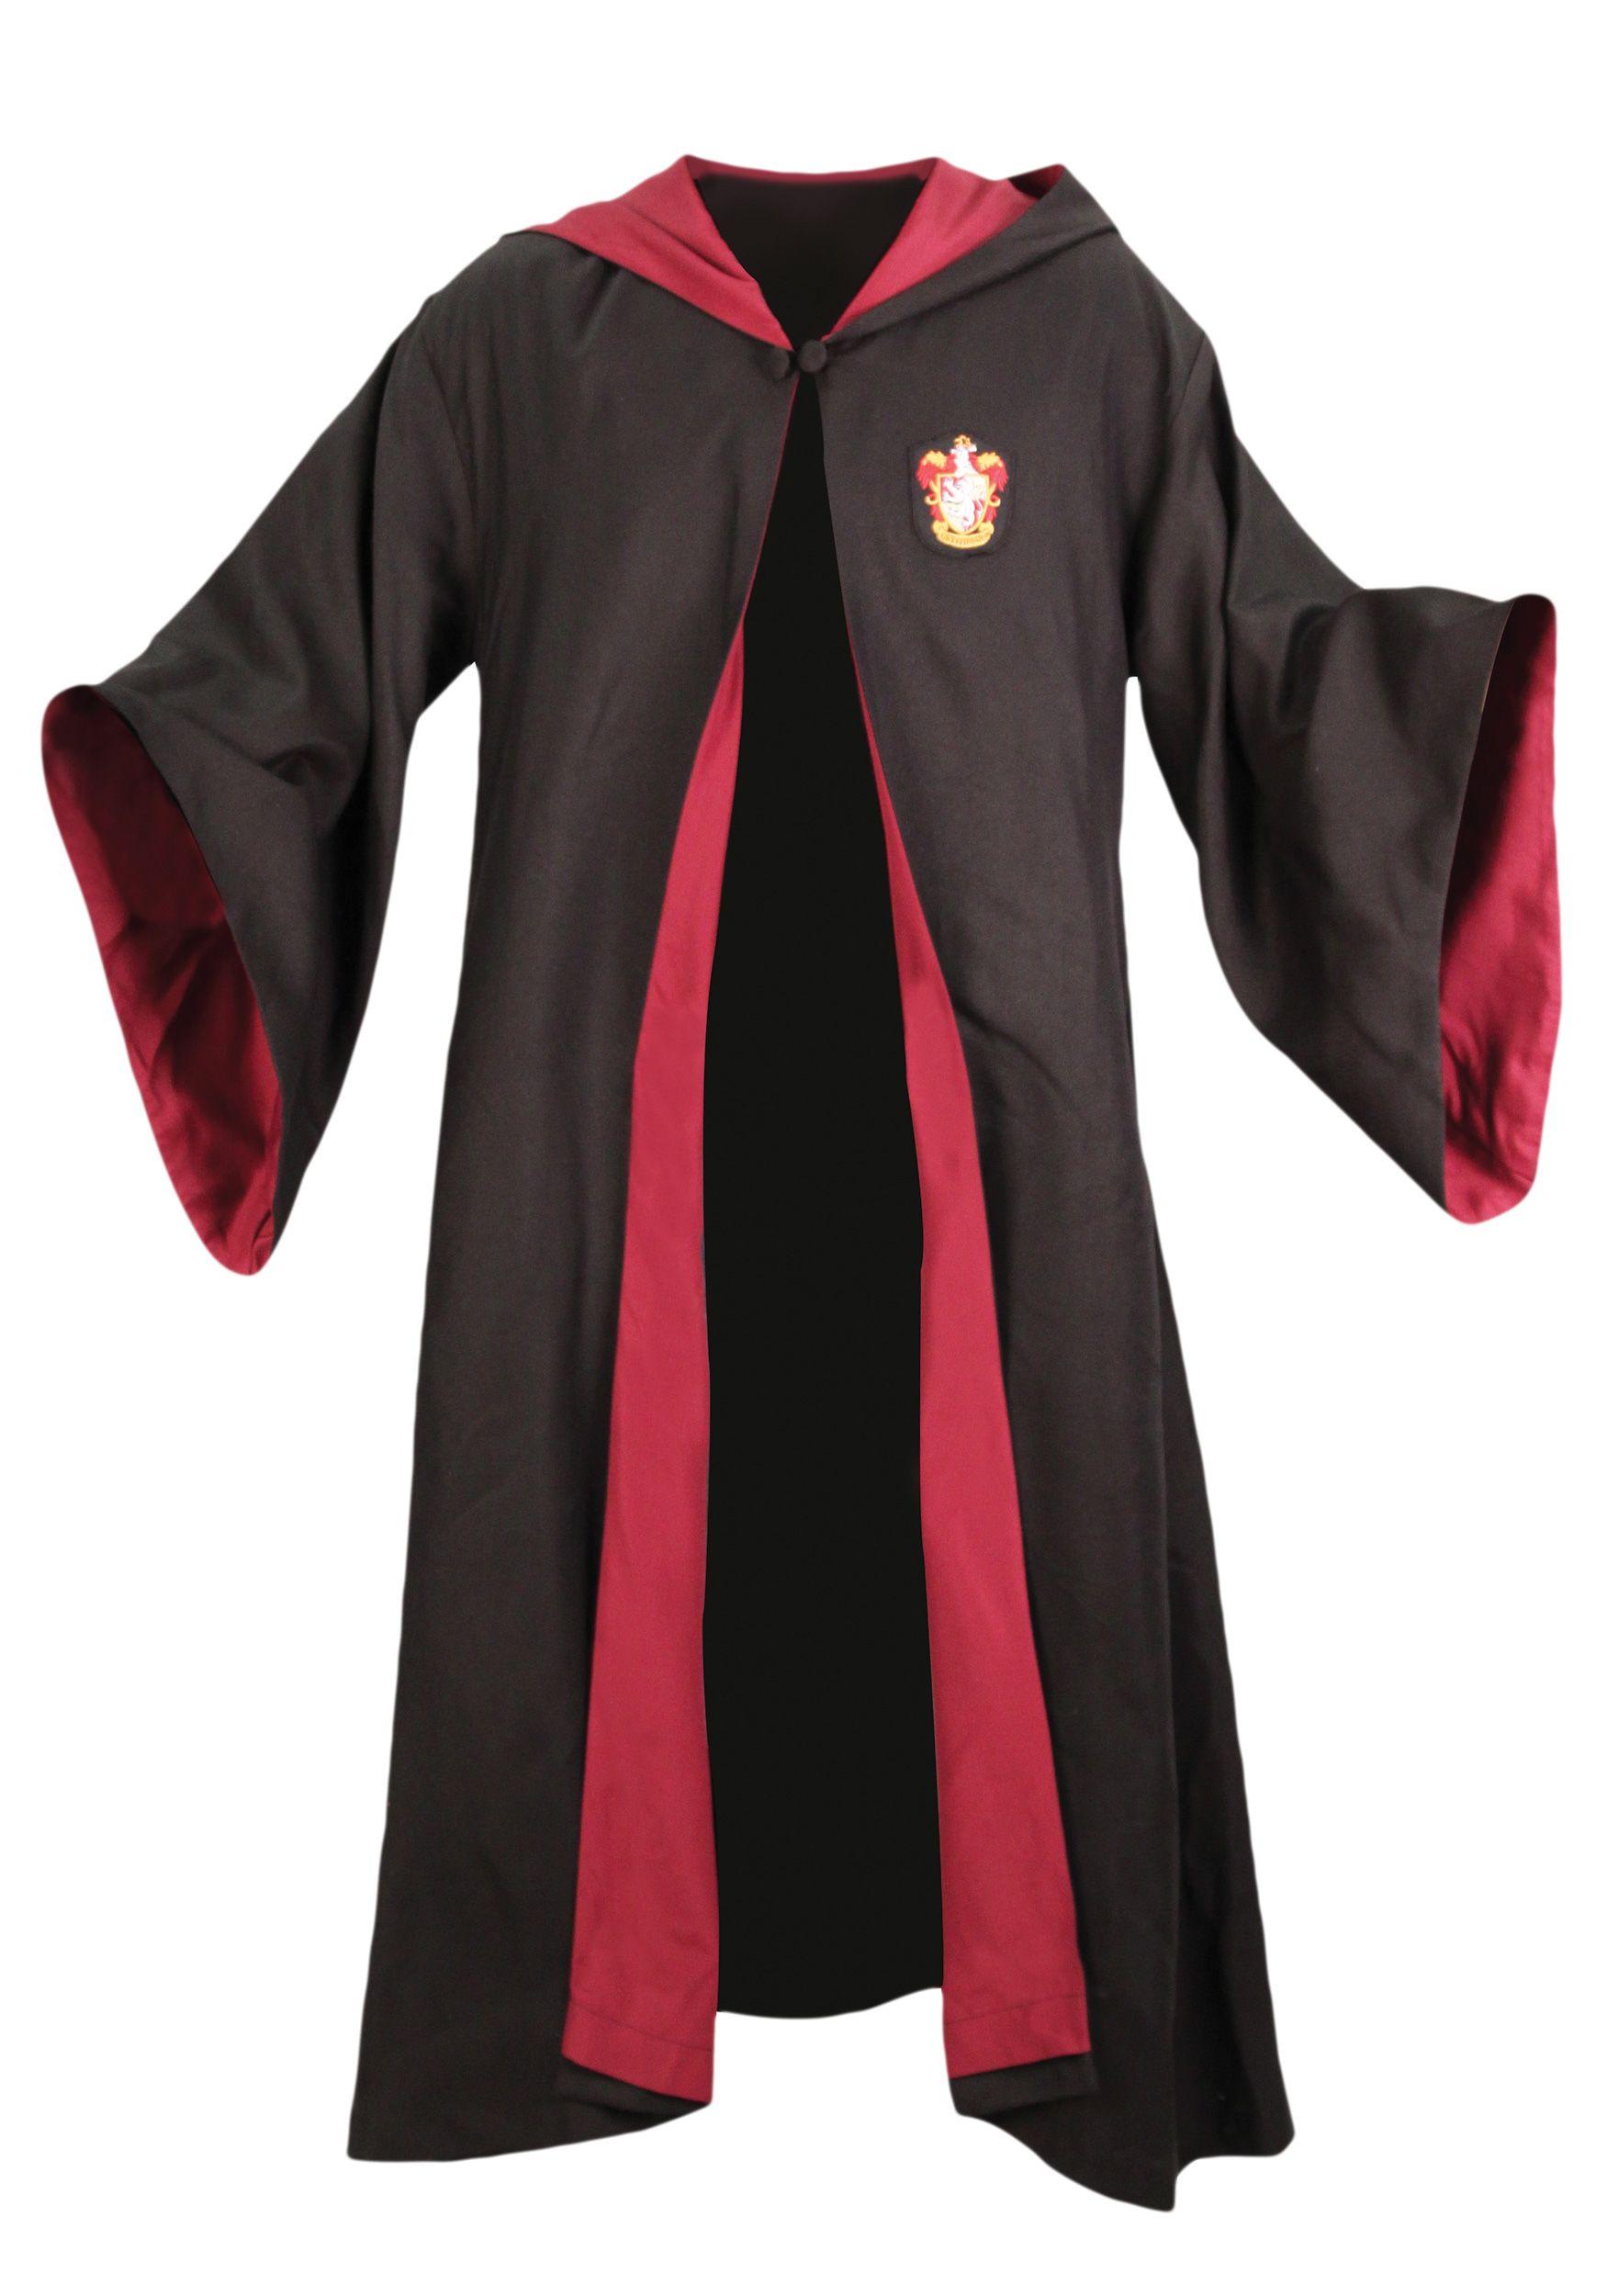 Corbata de la casa Gryffindor de Hogwarts, Harry Potter, disfraz para Cosplay